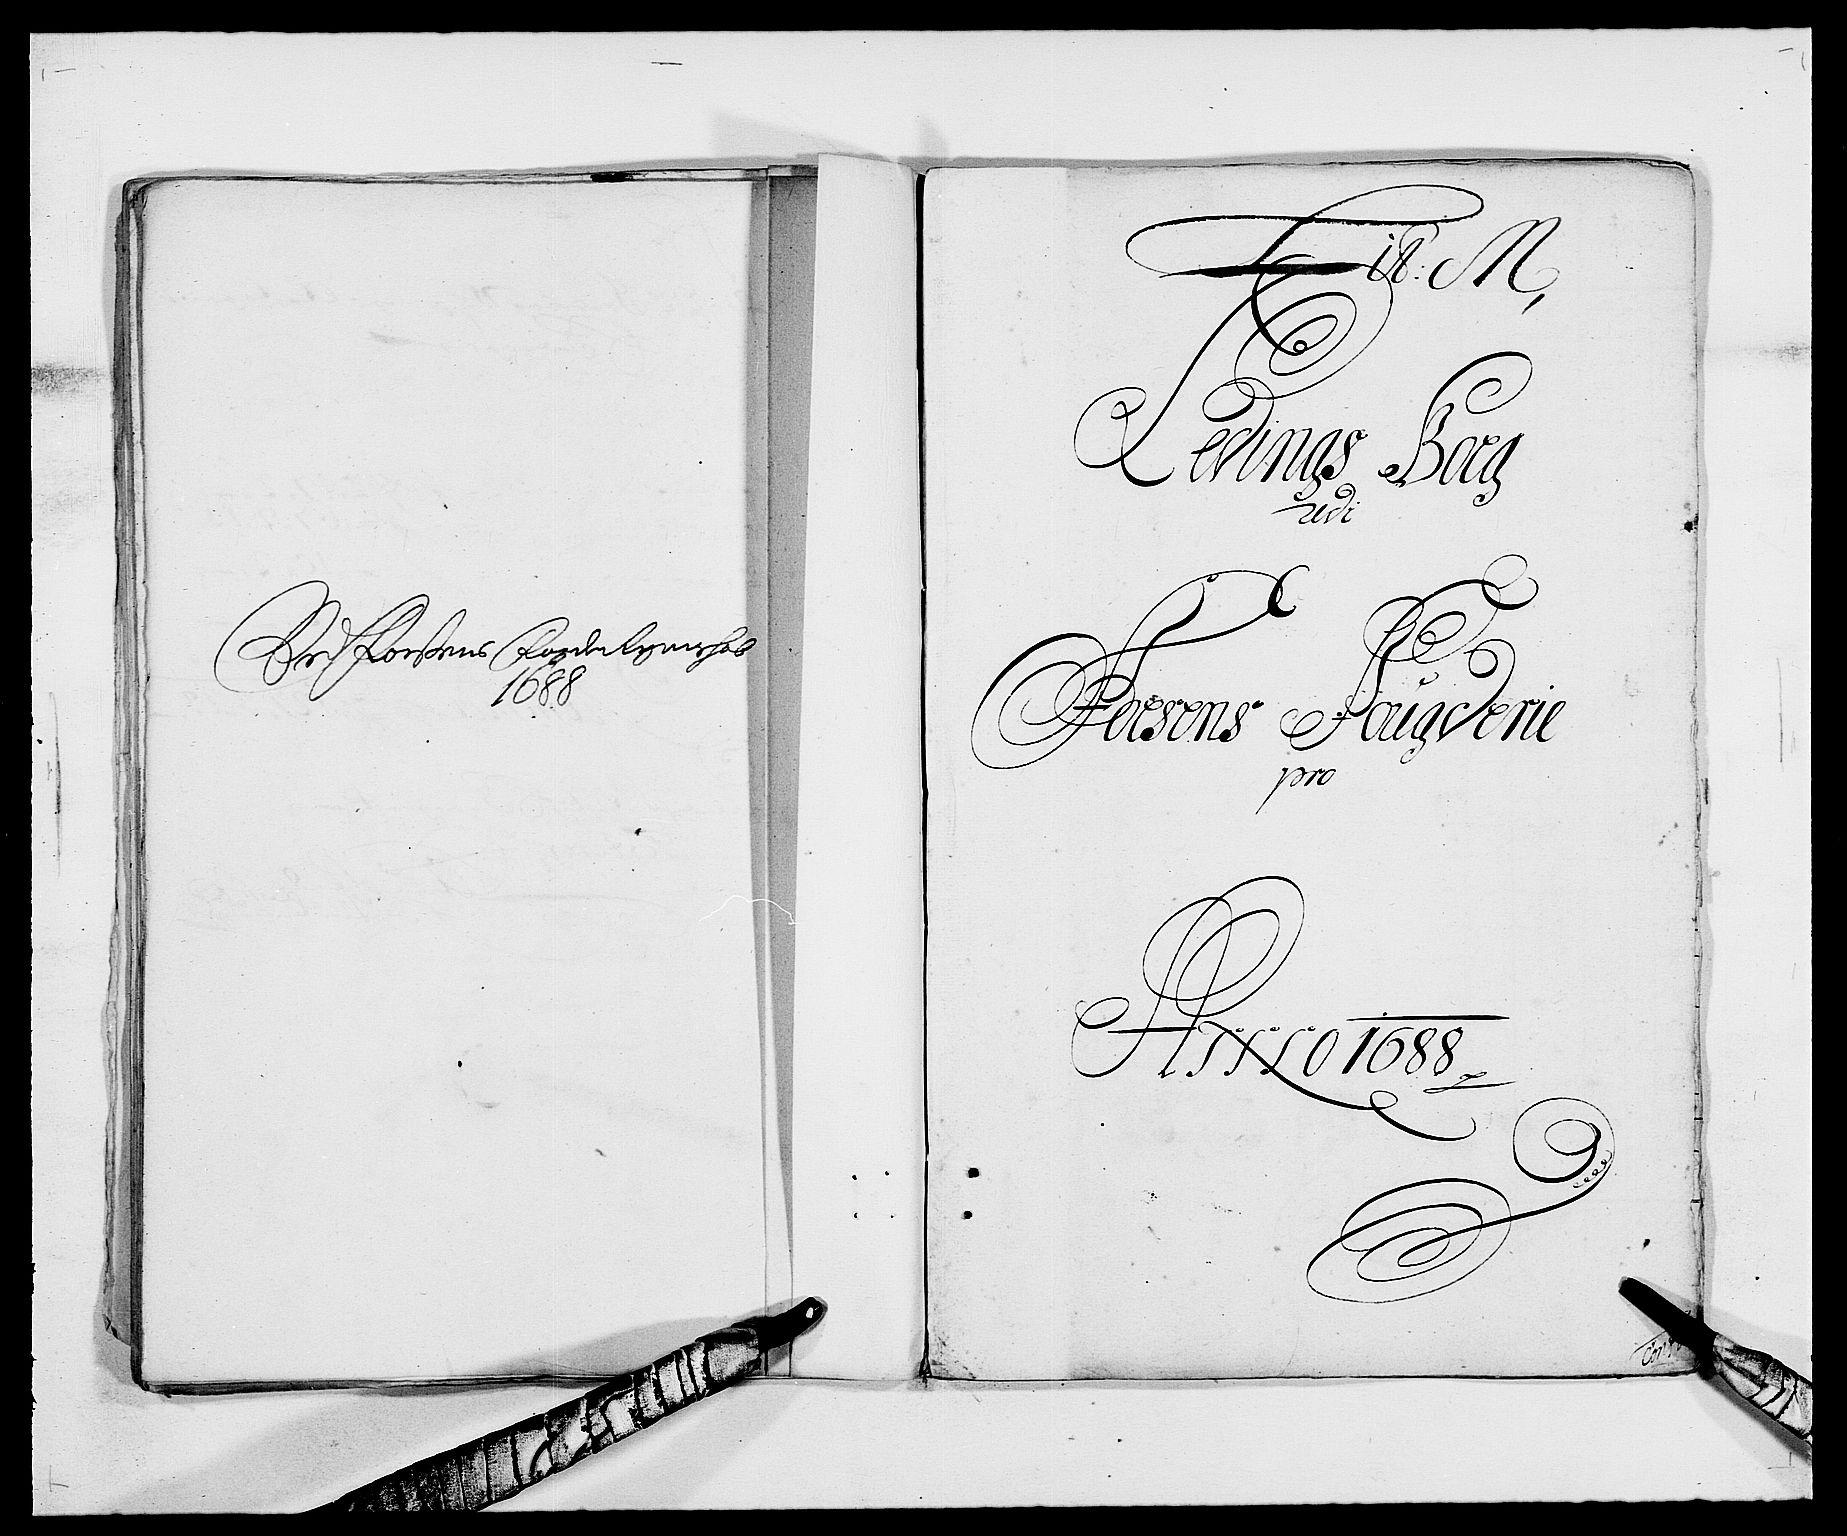 RA, Rentekammeret inntil 1814, Reviderte regnskaper, Fogderegnskap, R57/L3846: Fogderegnskap Fosen, 1688, s. 138